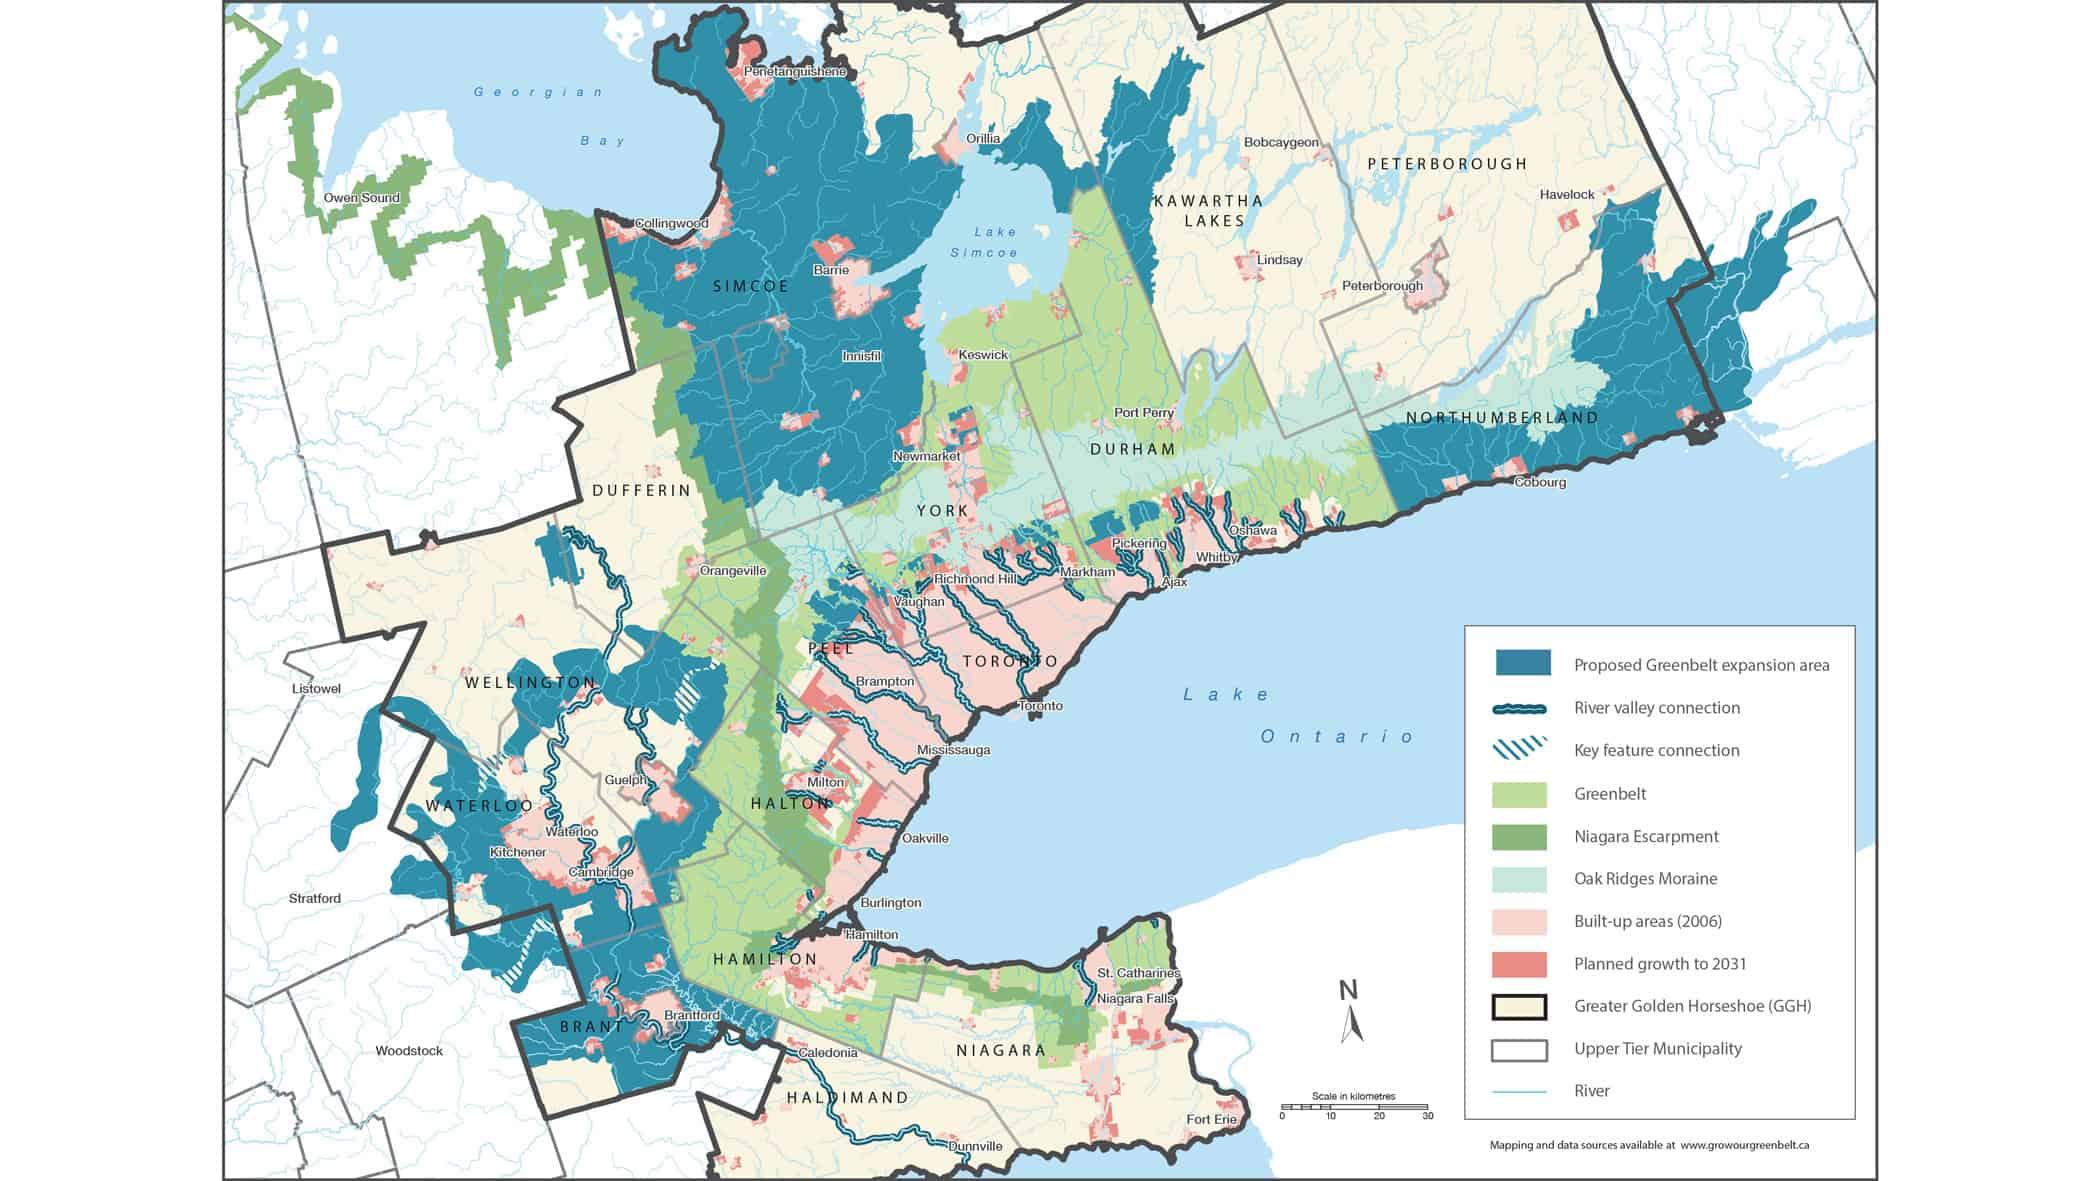 Ontario greenbelt expansion proposal 2017